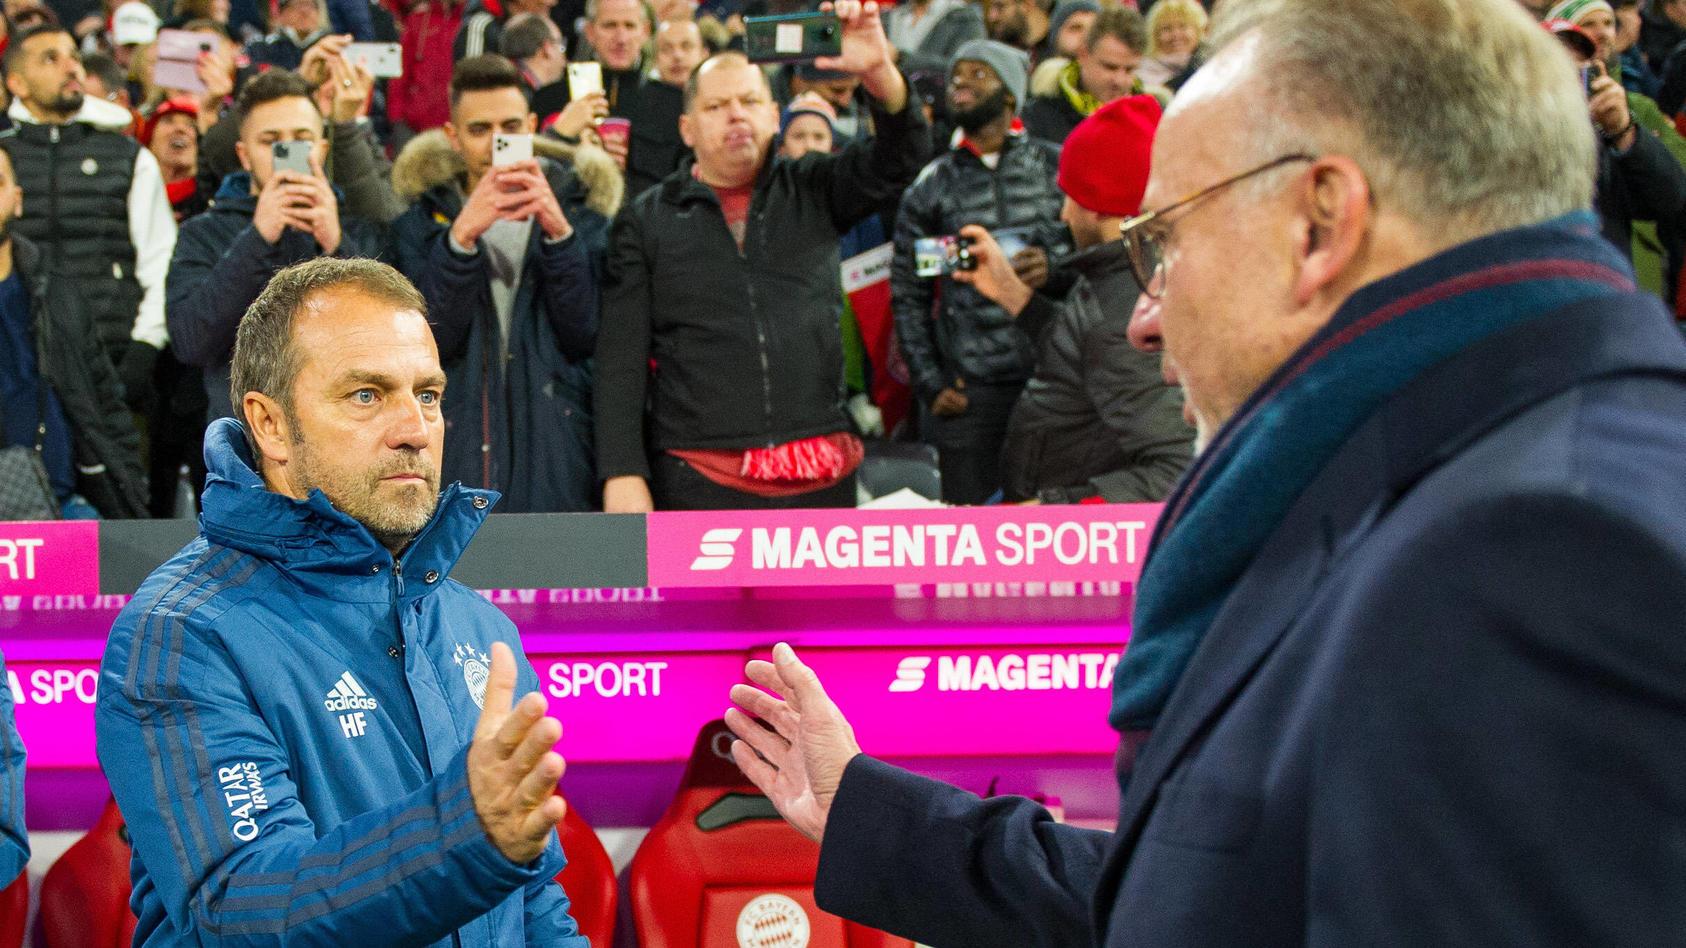 Fußball: 1. Bundesliga 11. Spieltag, FC Bayern München - Borussia Dortmund am 09.11.2019 im Allianz Arena in München. (